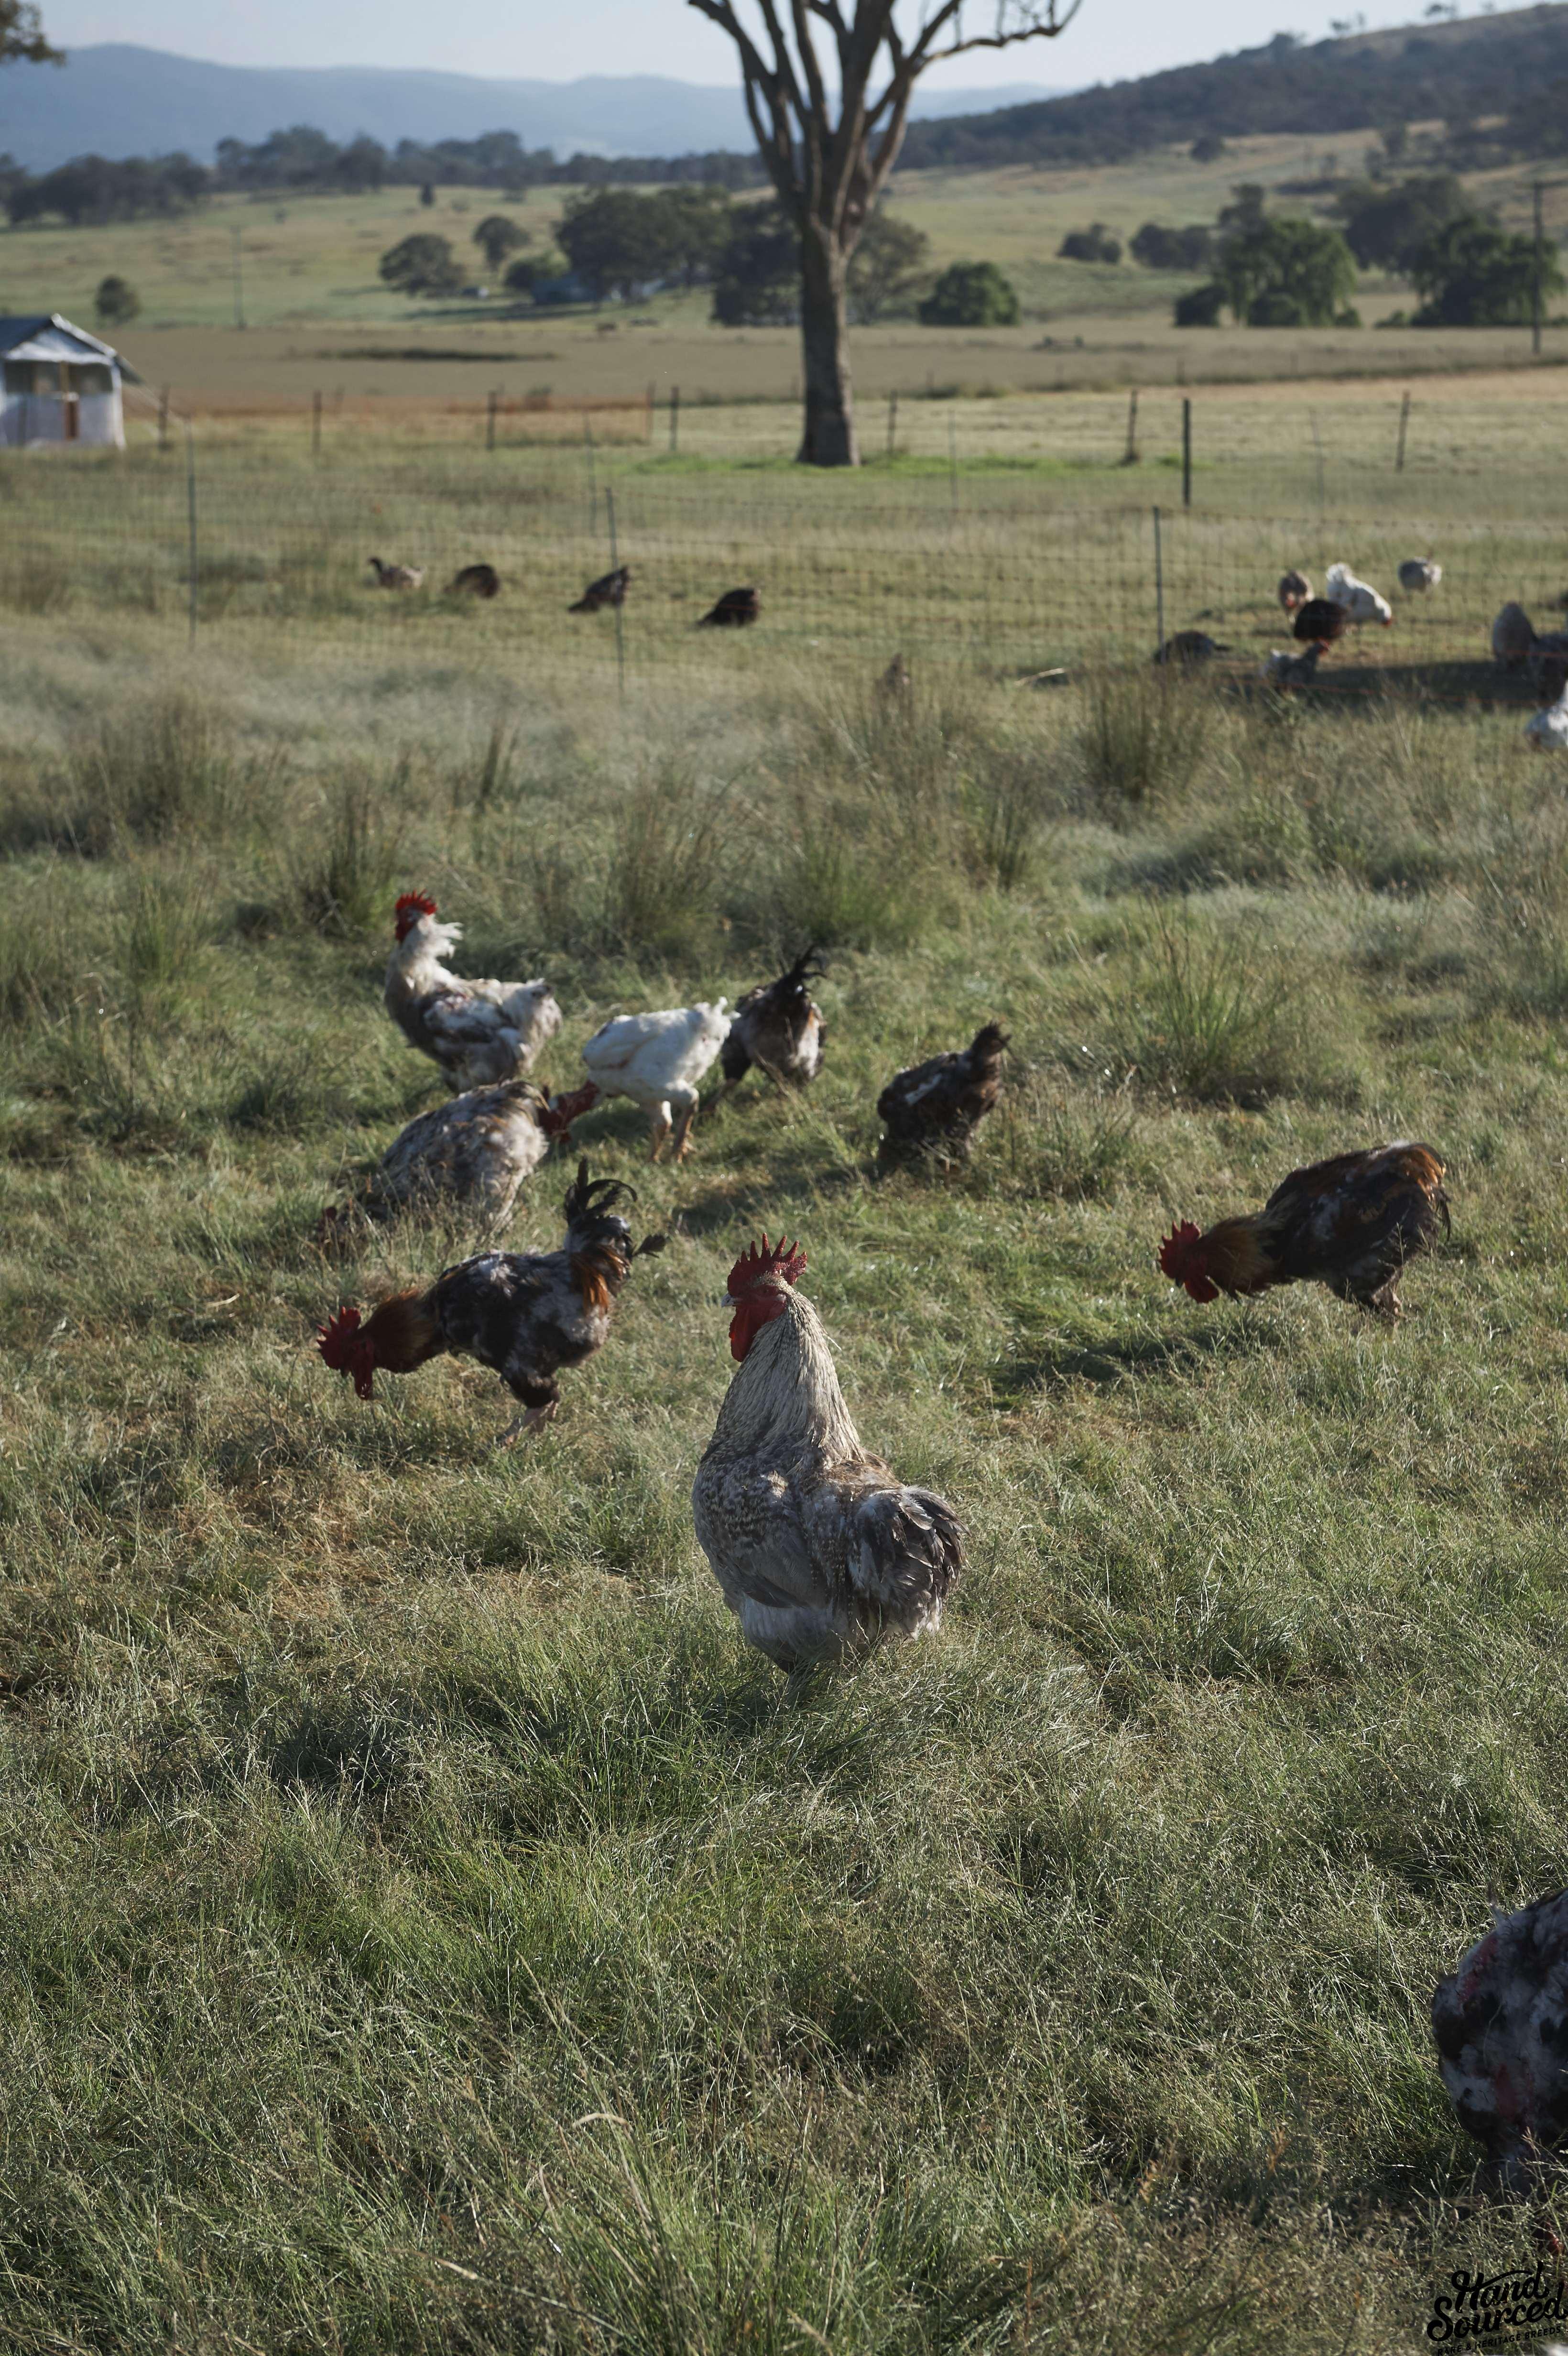 Sommerlad Poultry Earl Carter